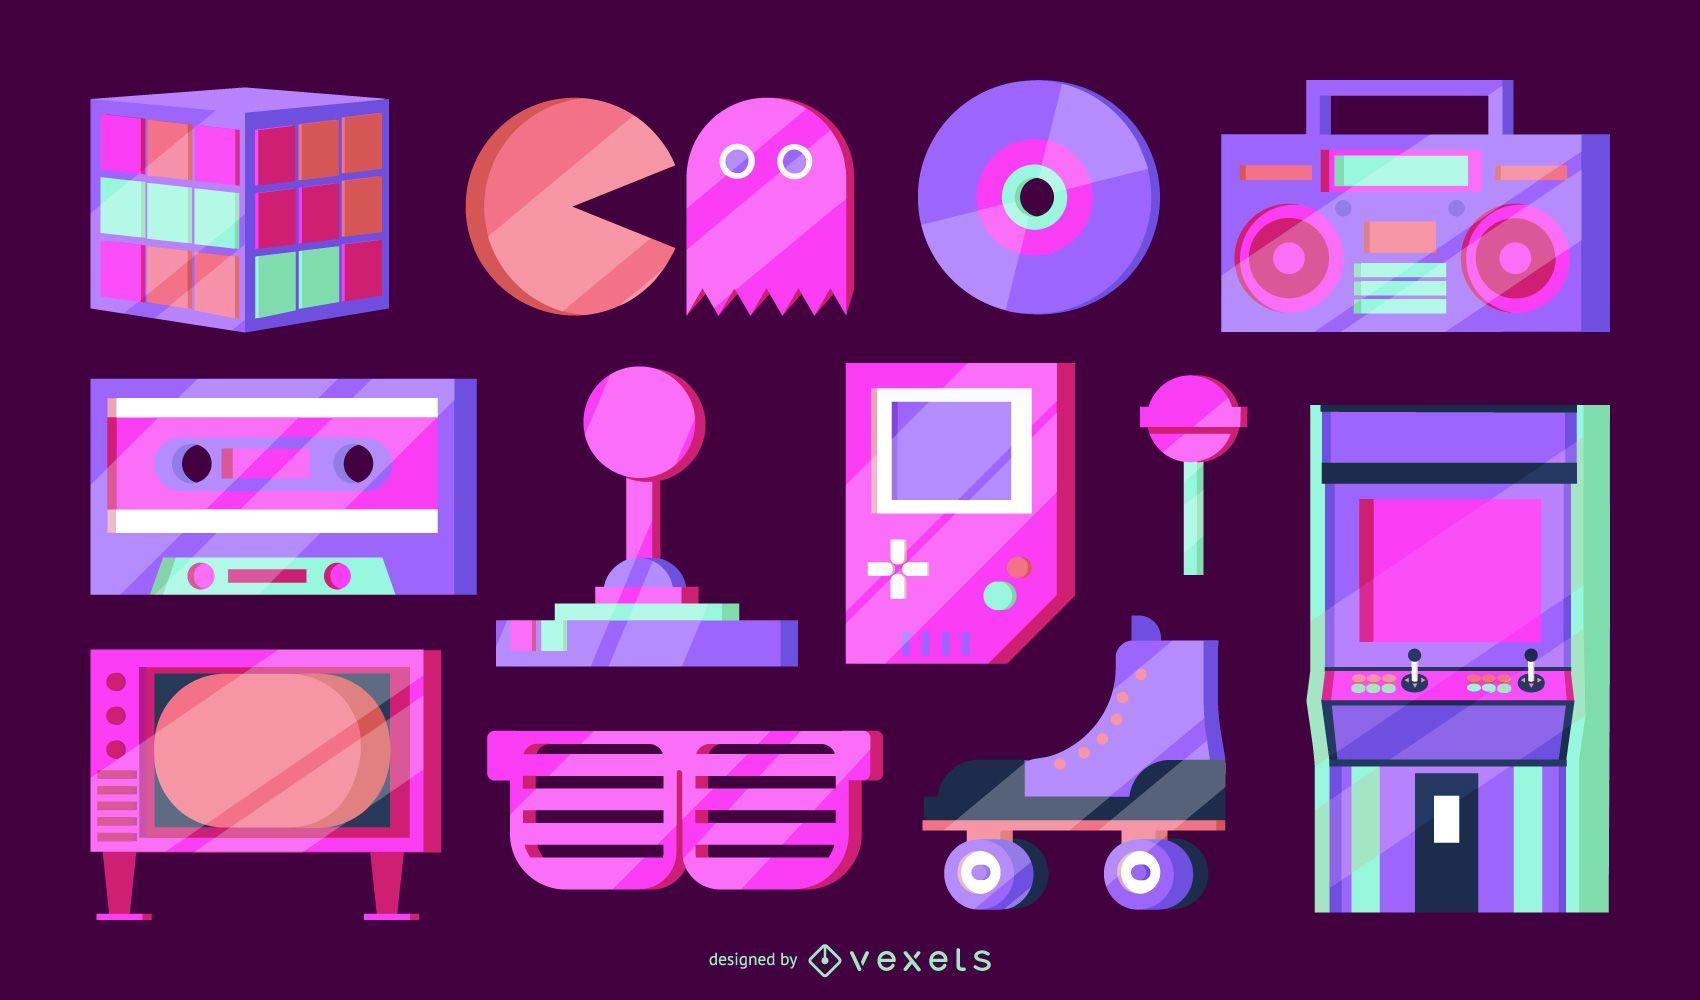 Paquete de elementos vectoriales de neón de los 80